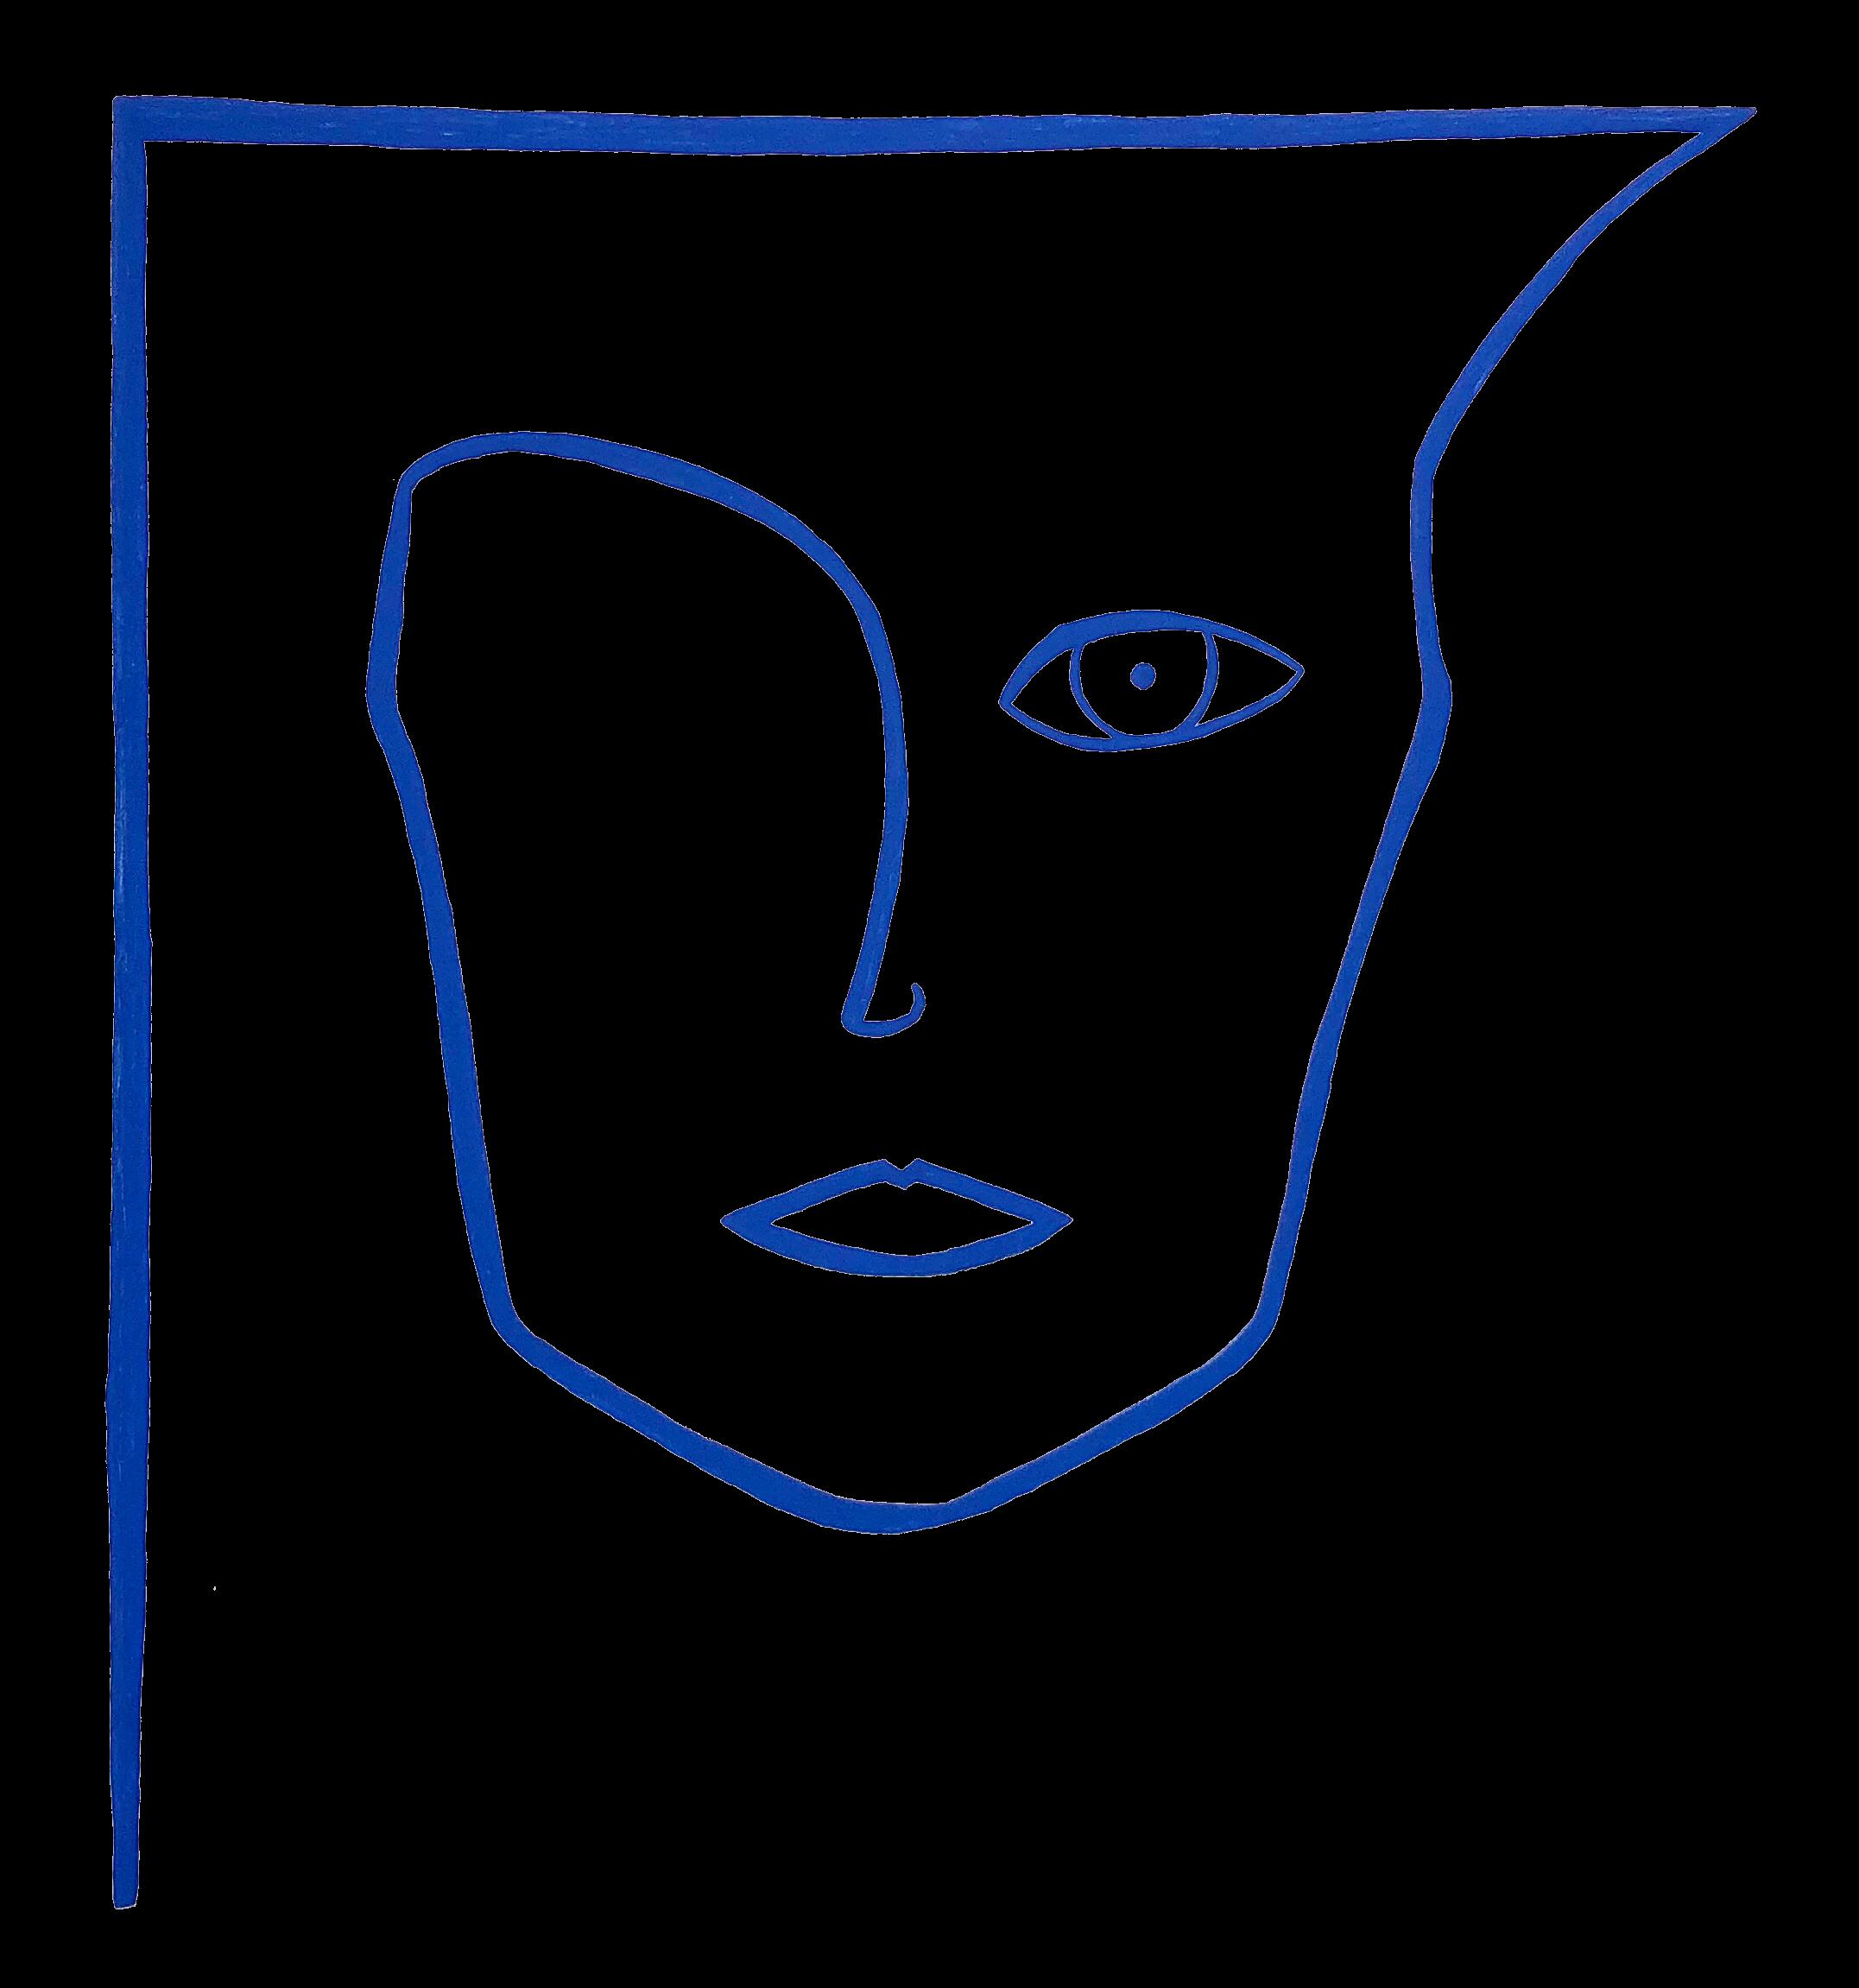 Cabinet Maxillo-Facial privé de Saint-Etienne